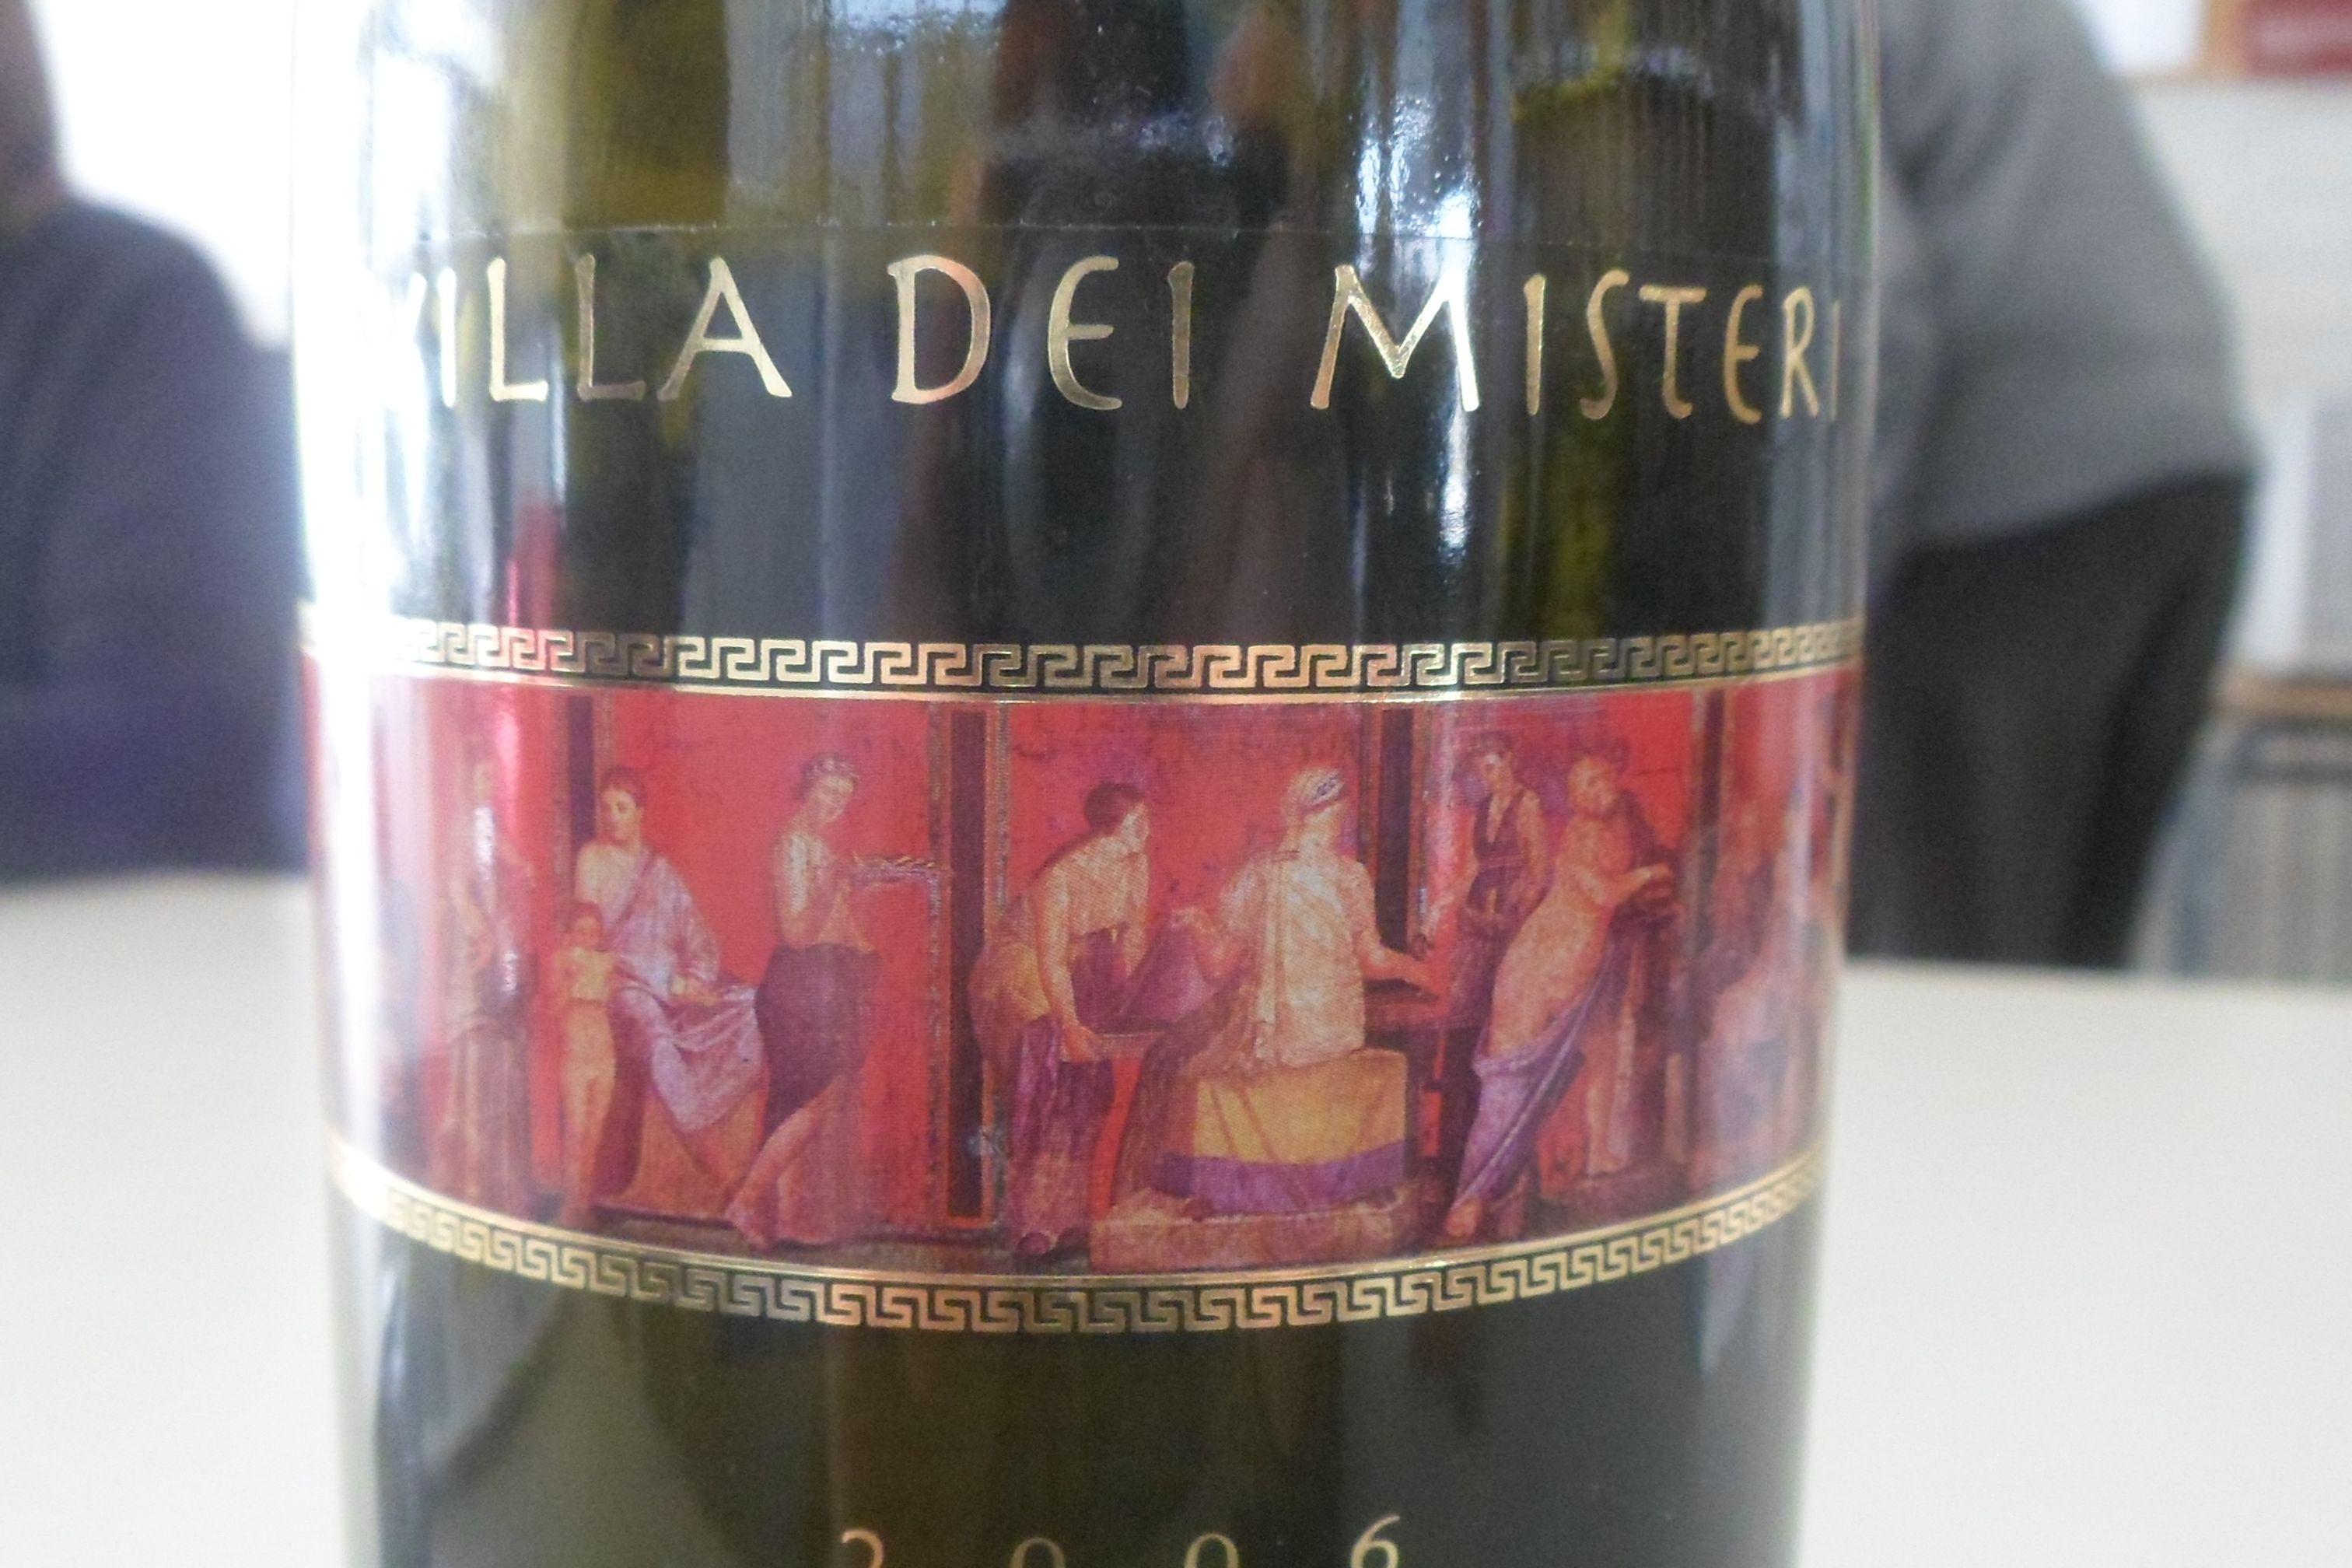 1. Vino VILLA DEI MISTERI, de las viñas de Pompeya, Teresa Ochagavía.